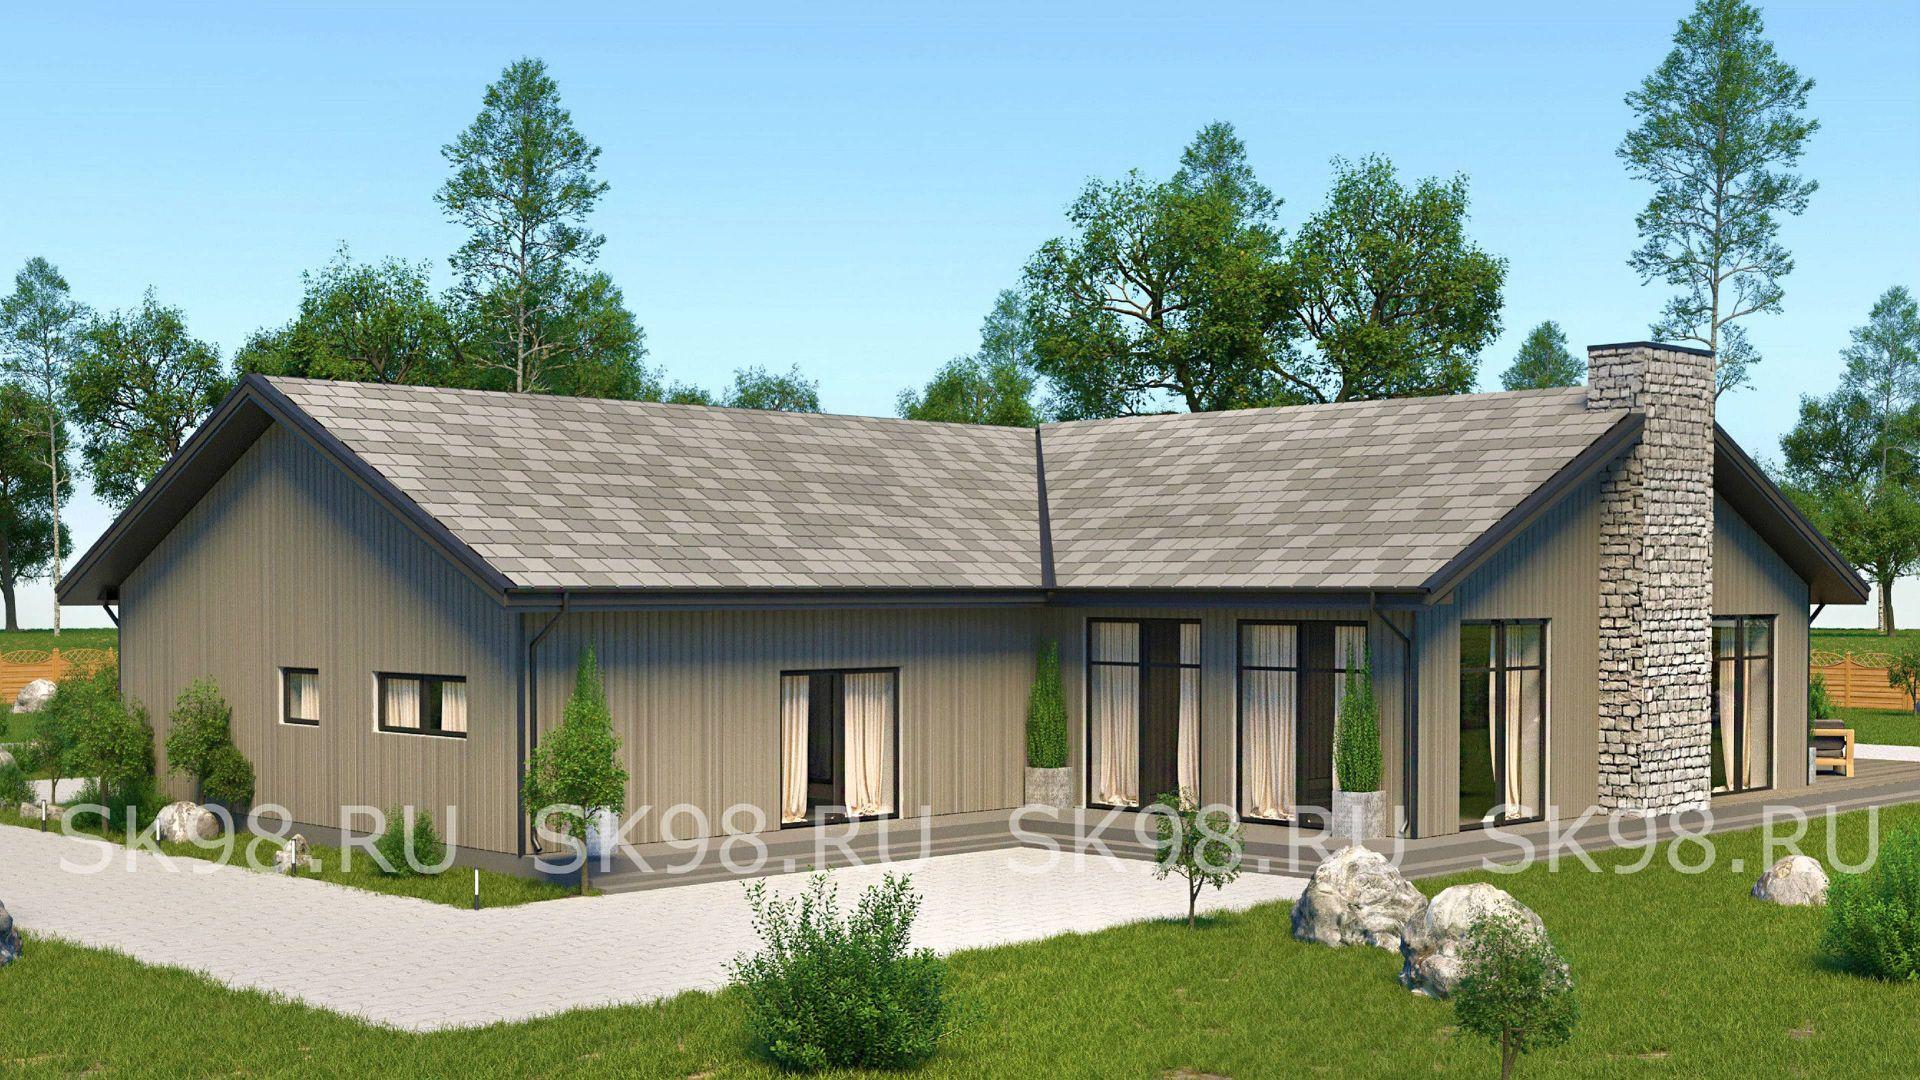 проект одноэтажного дома - ONE 221